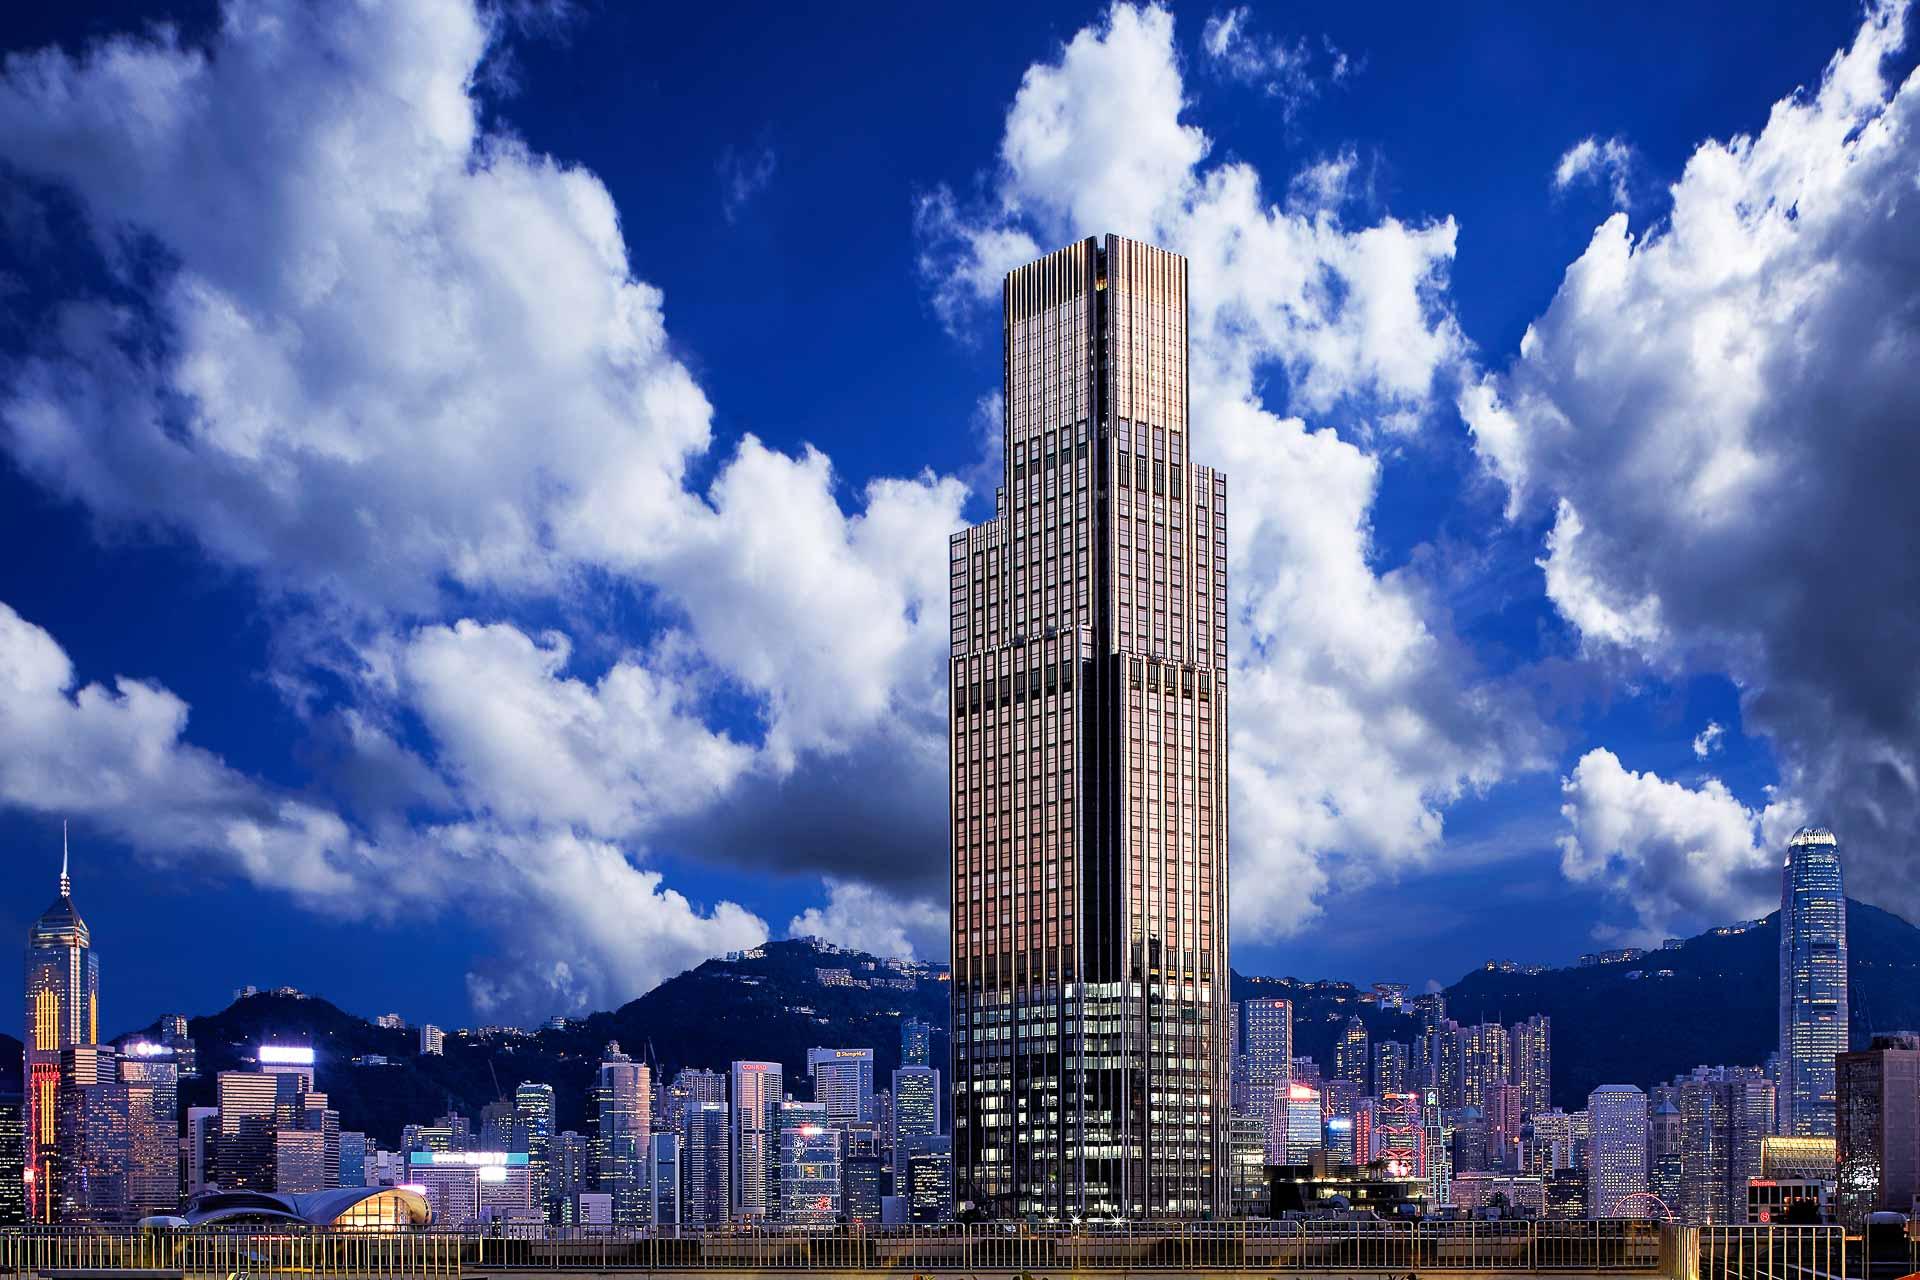 Après Phnom Penh et Luang Prabang en 2018, c'est au tour de Hong Kong d'accueillir un hôtel ultra luxe signé Rosewood. Dans le quartier commerçant cosmopolite de Tsim Sha Tsui à Kowloon, c'est dans une tour de 65 étages que s'installe le 5-étoiles tout en superlatifs. La visite en images.